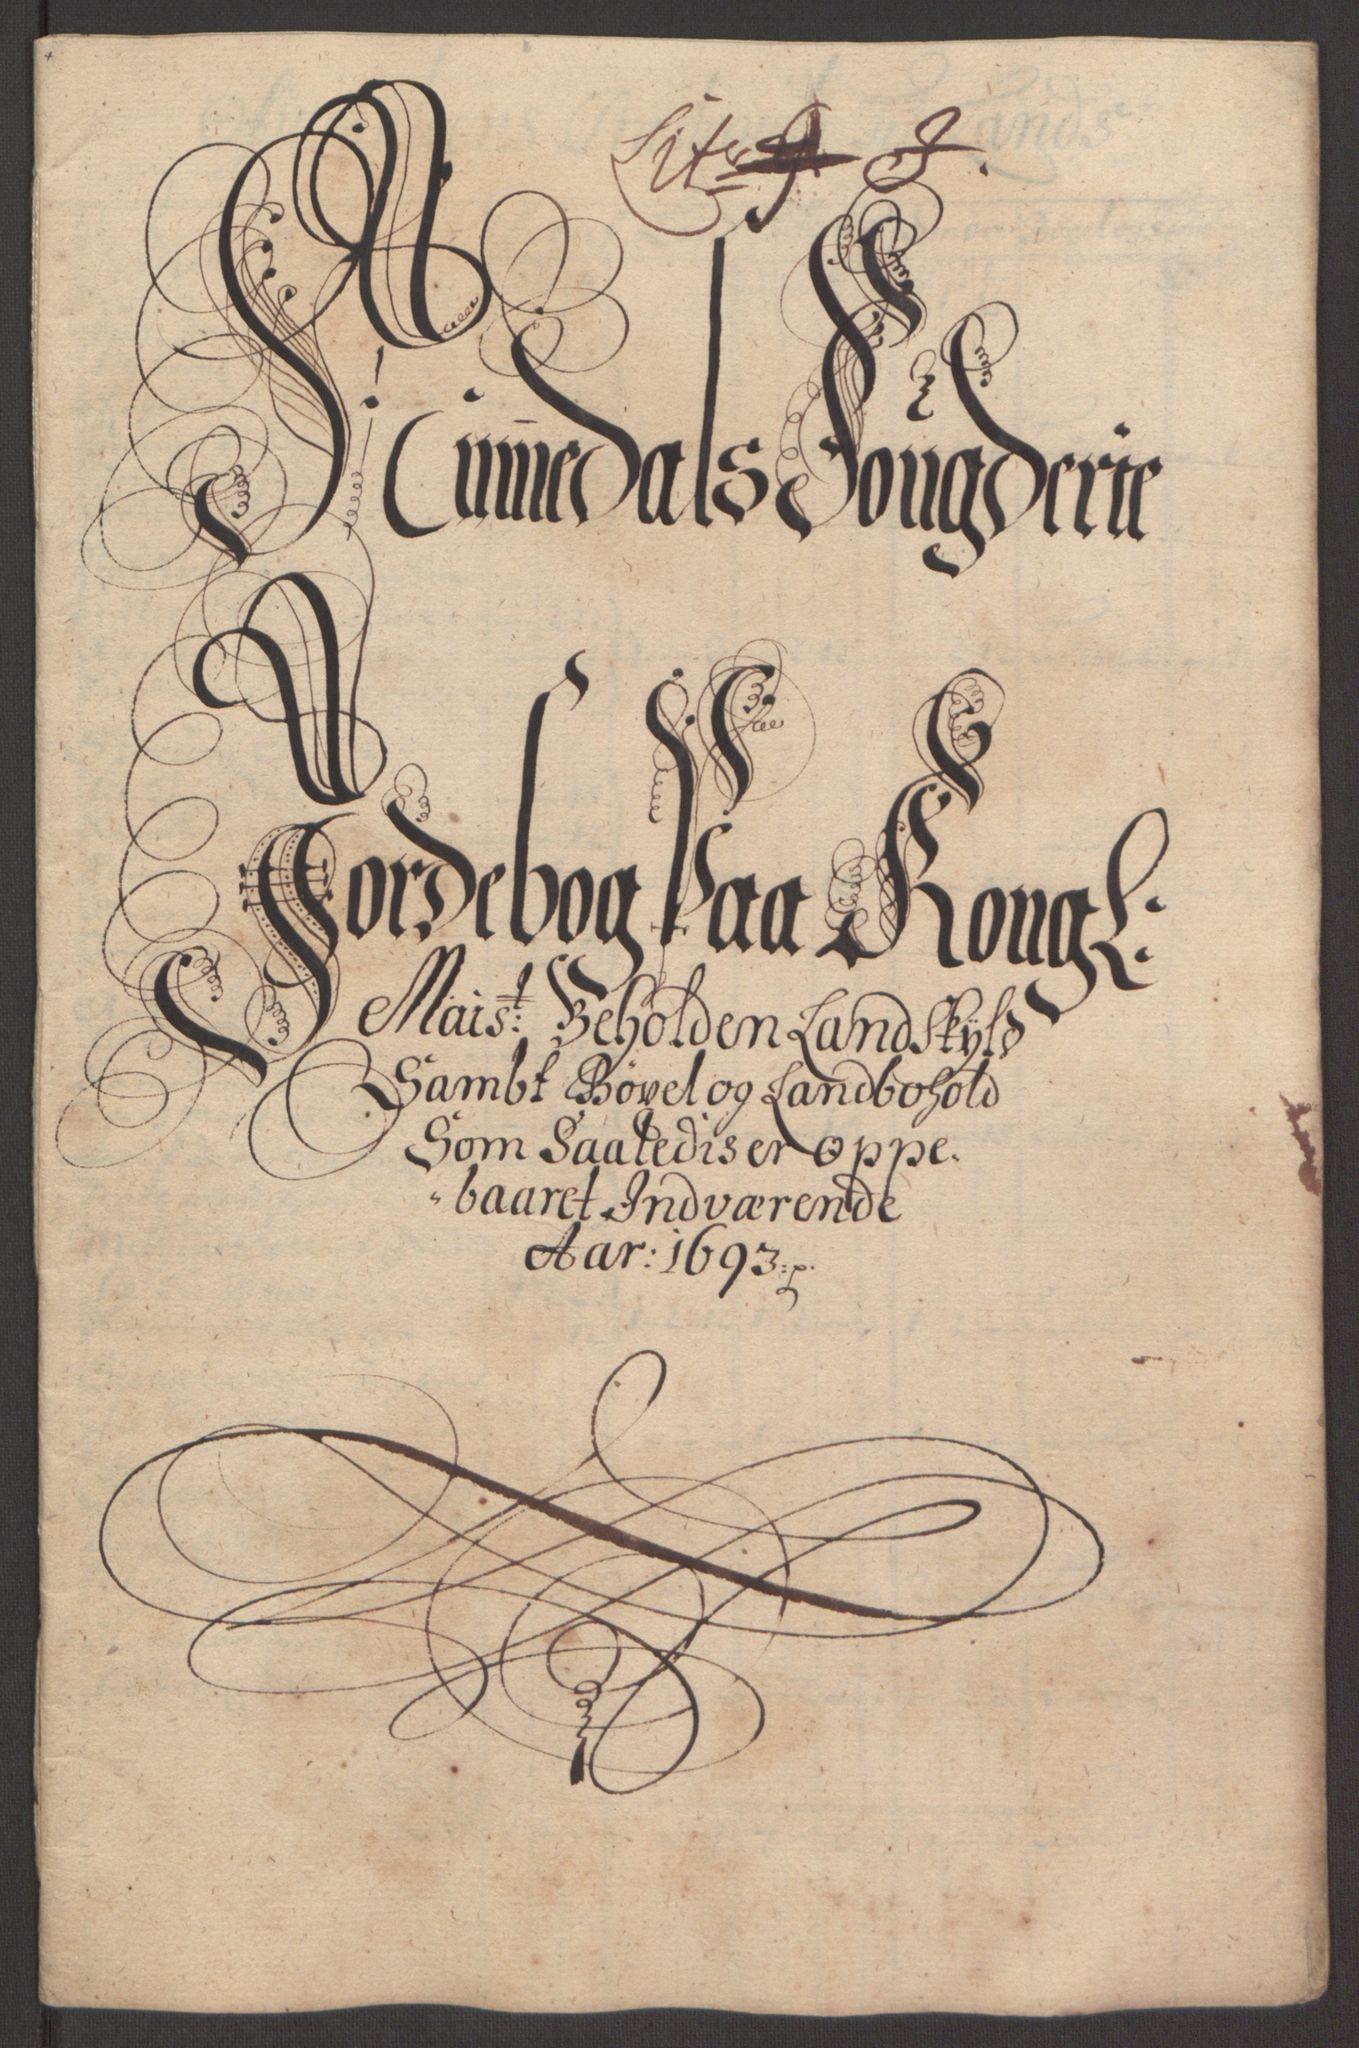 RA, Rentekammeret inntil 1814, Reviderte regnskaper, Fogderegnskap, R64/L4424: Fogderegnskap Namdal, 1692-1695, s. 286